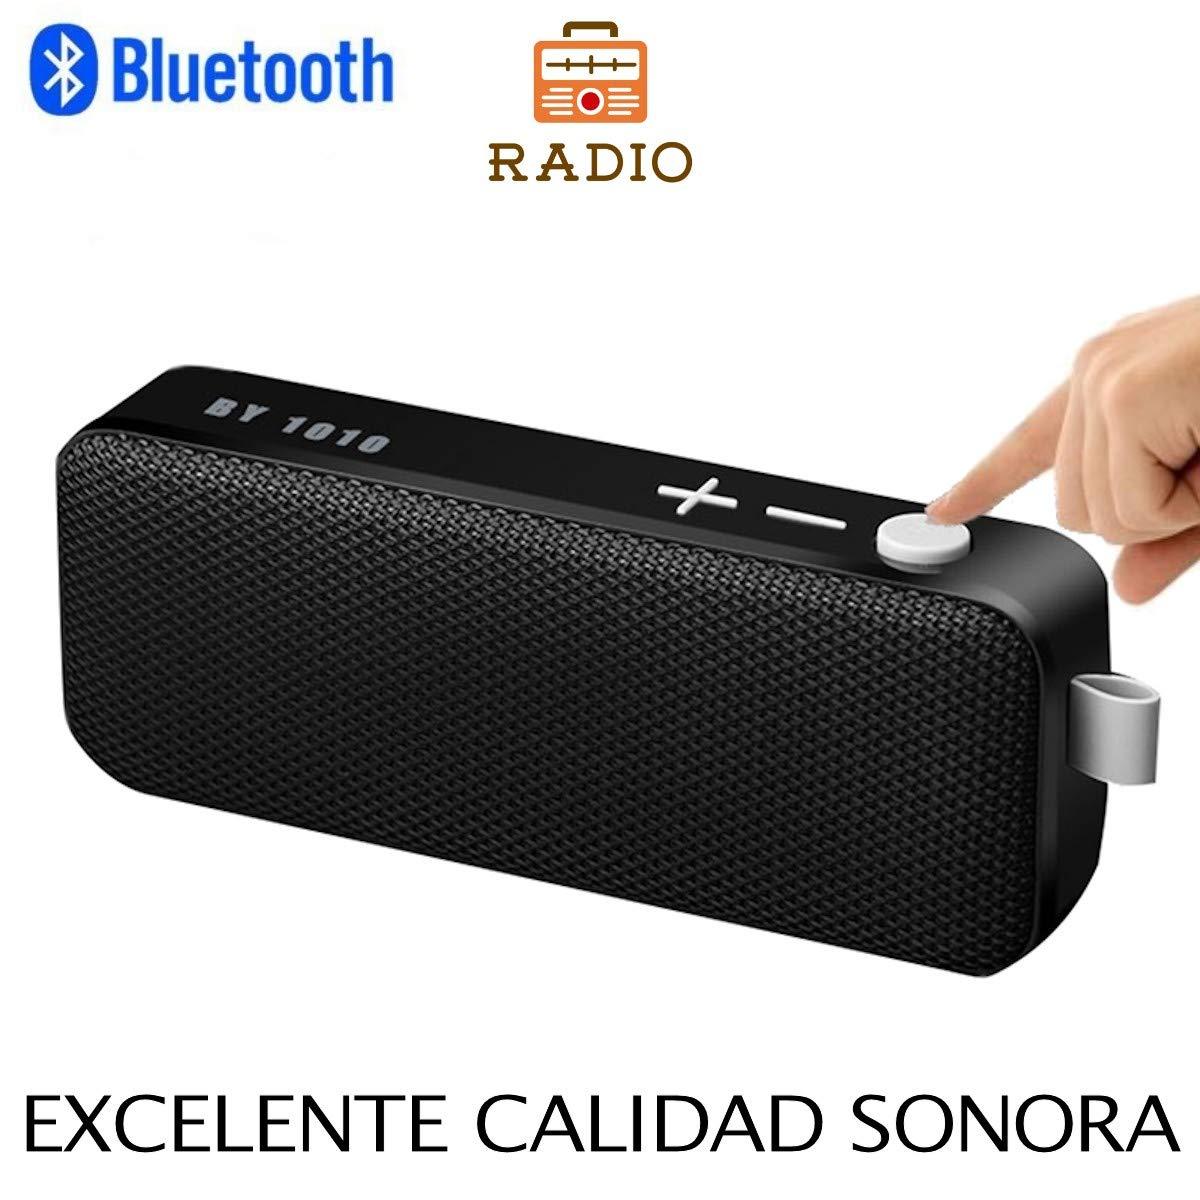 Altavoz Bluetooth con Radio, Unicview BY1010 Estéreo HD Altavoces ...